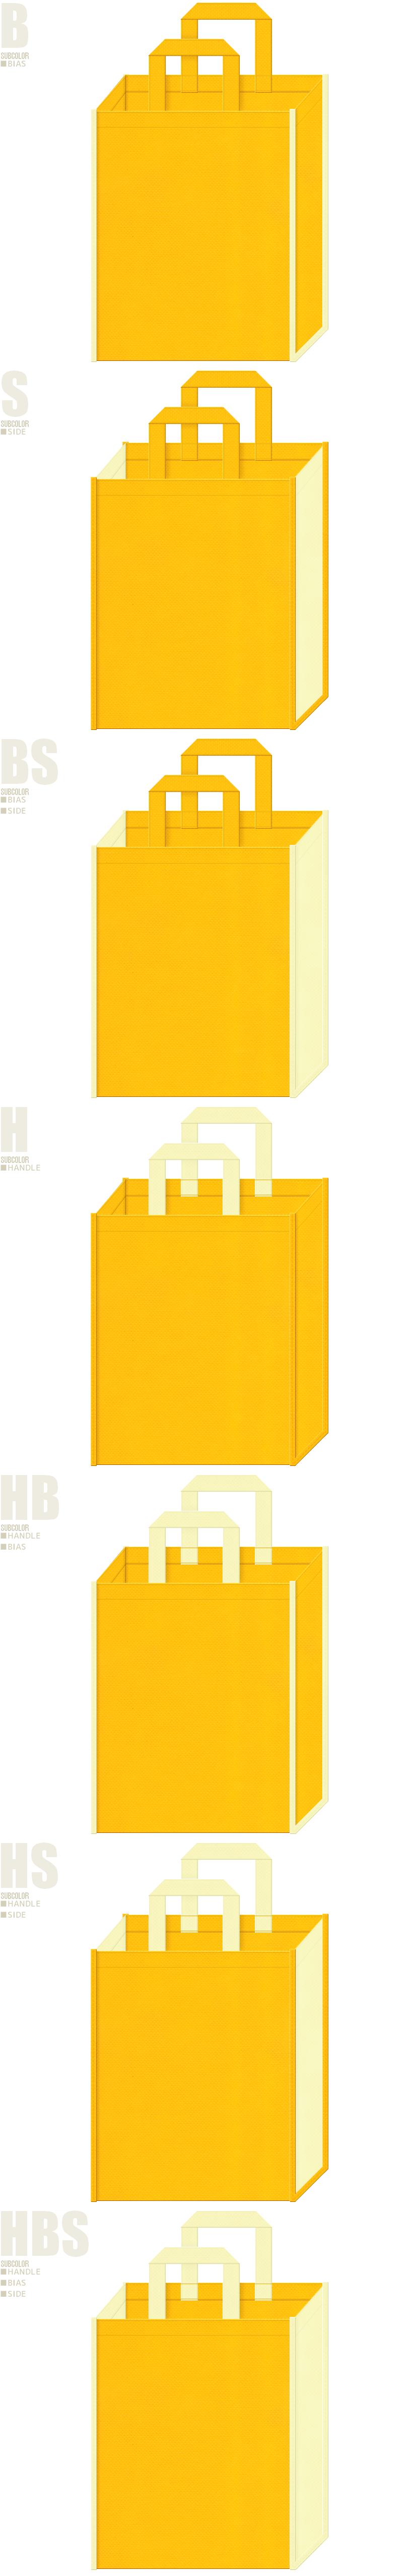 バナナ・グレープフルーツ・レモン・ビタミンのイメージ。黄色と薄黄色、7パターンの不織布トートバッグ配色デザイン例。